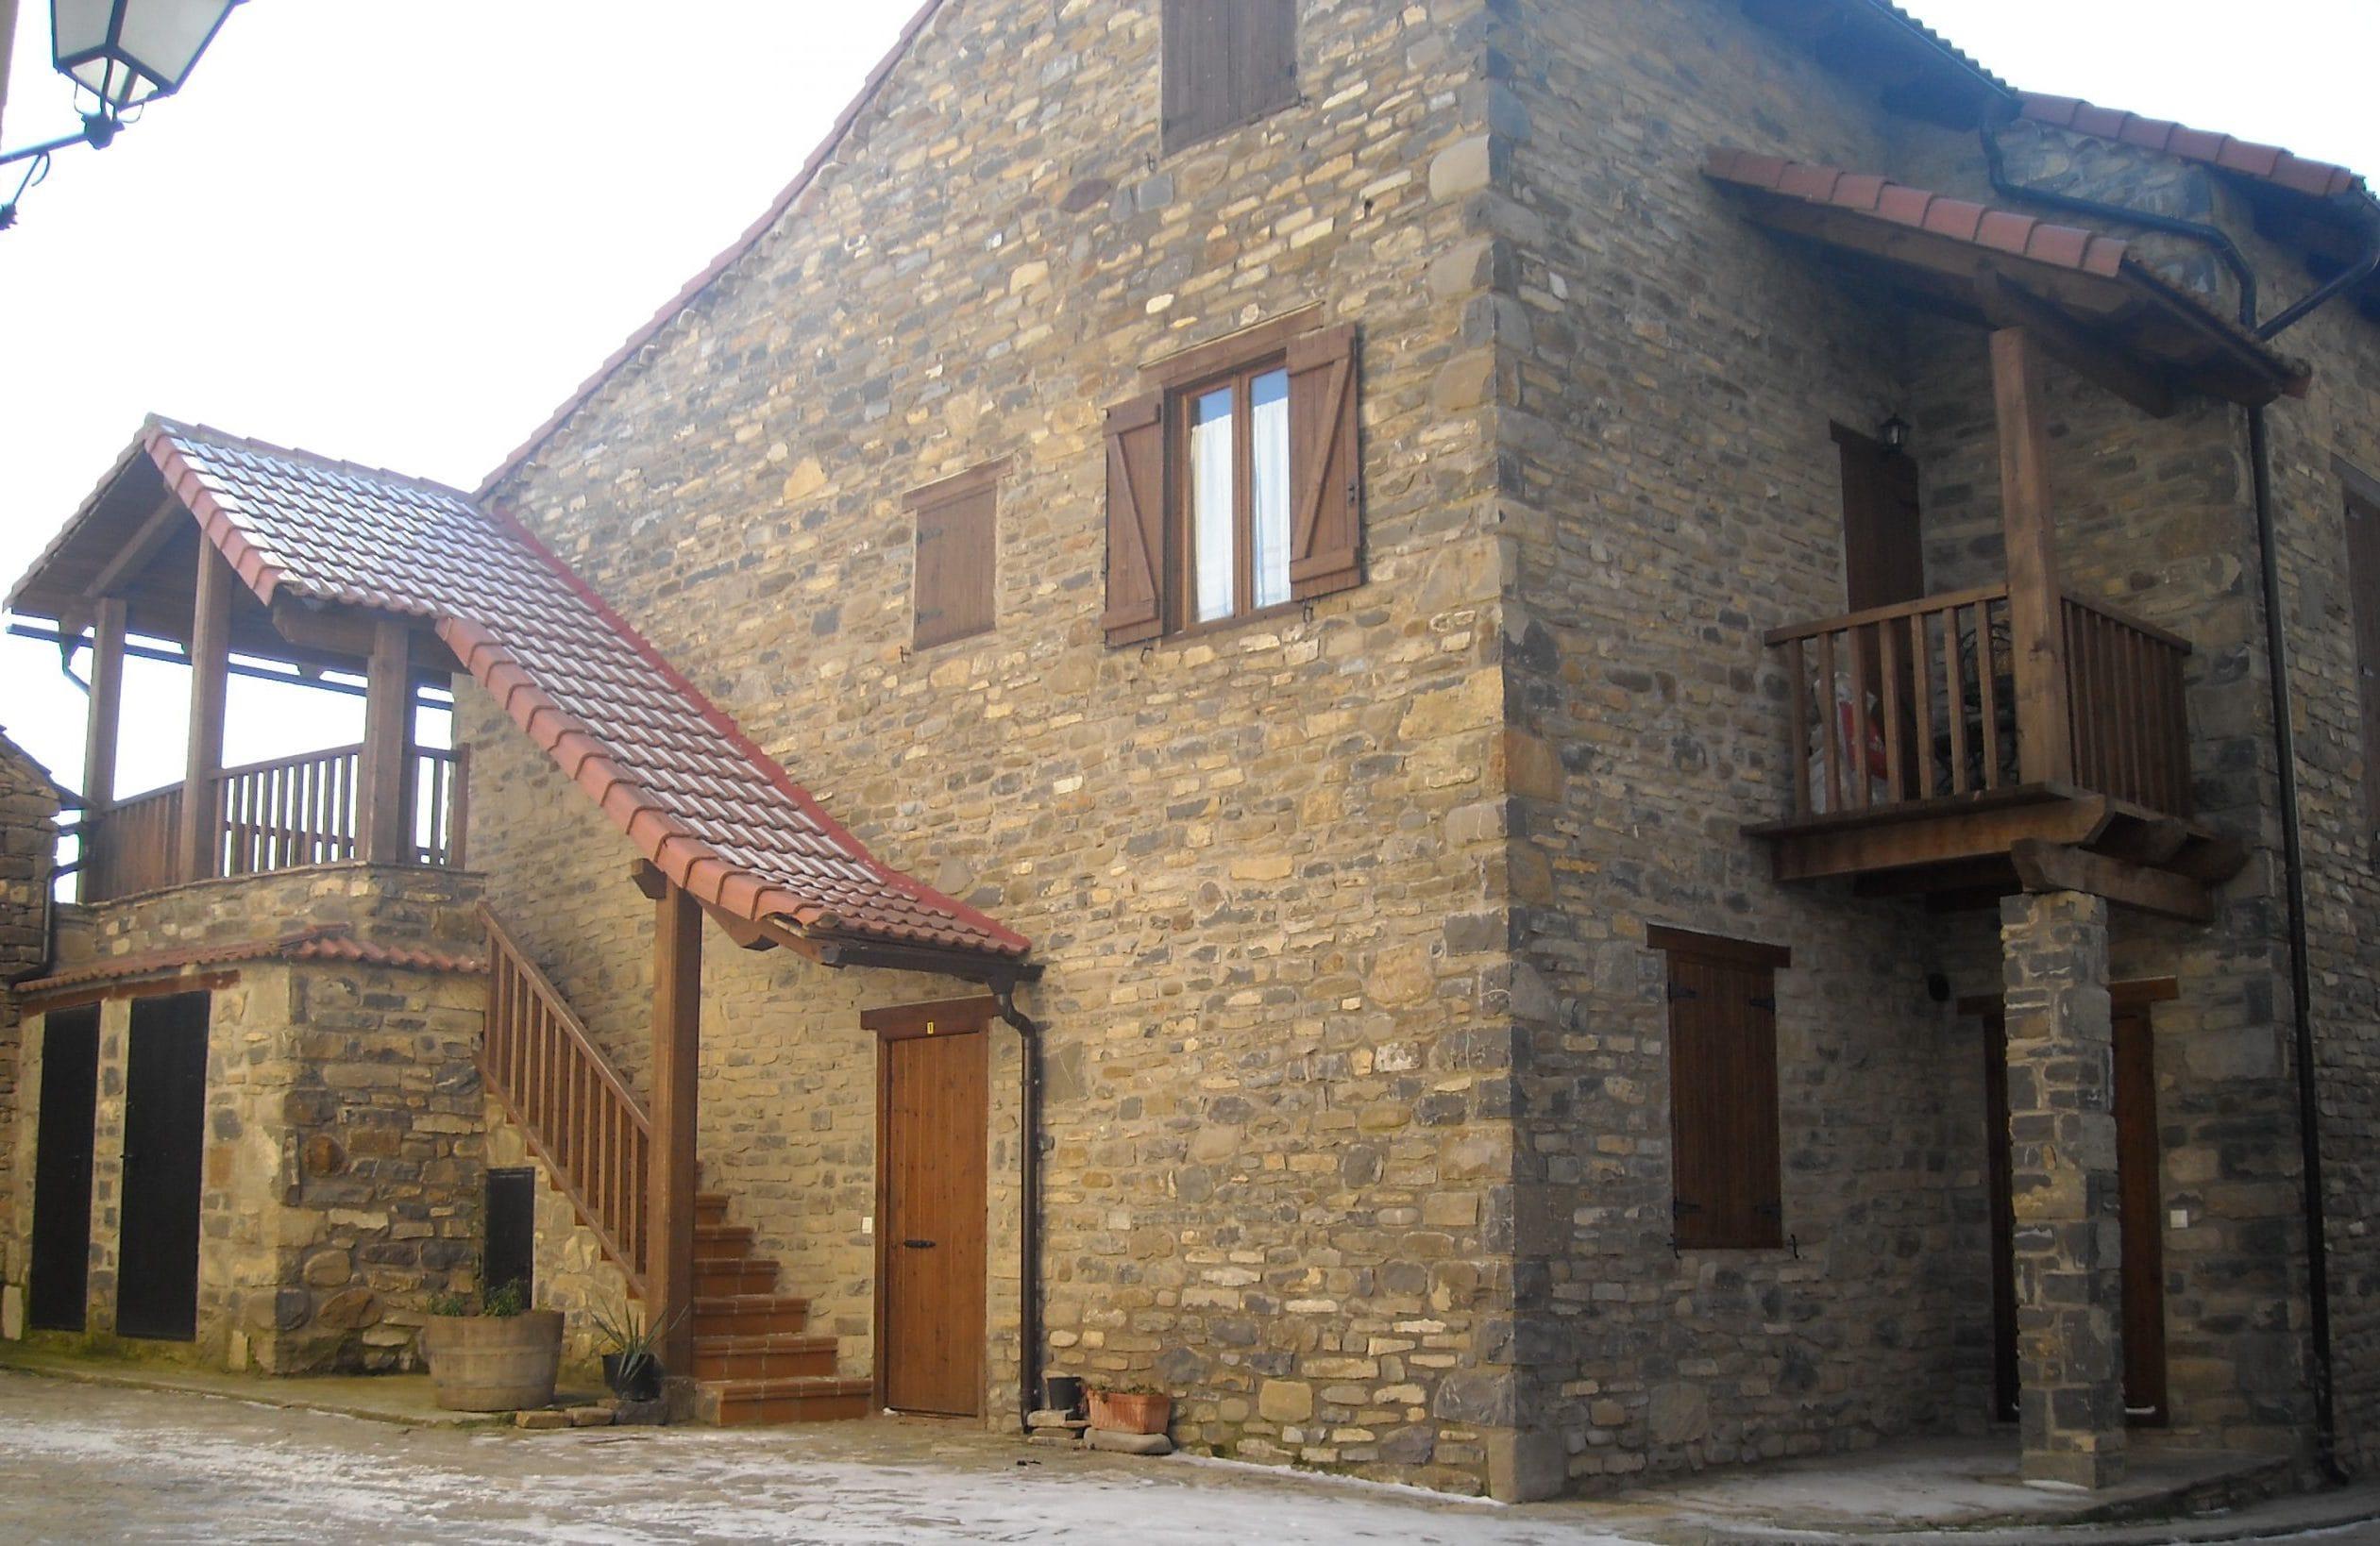 Edificio de apartamentos de obra rústica con fachada de piedra vista y balconadas de madera